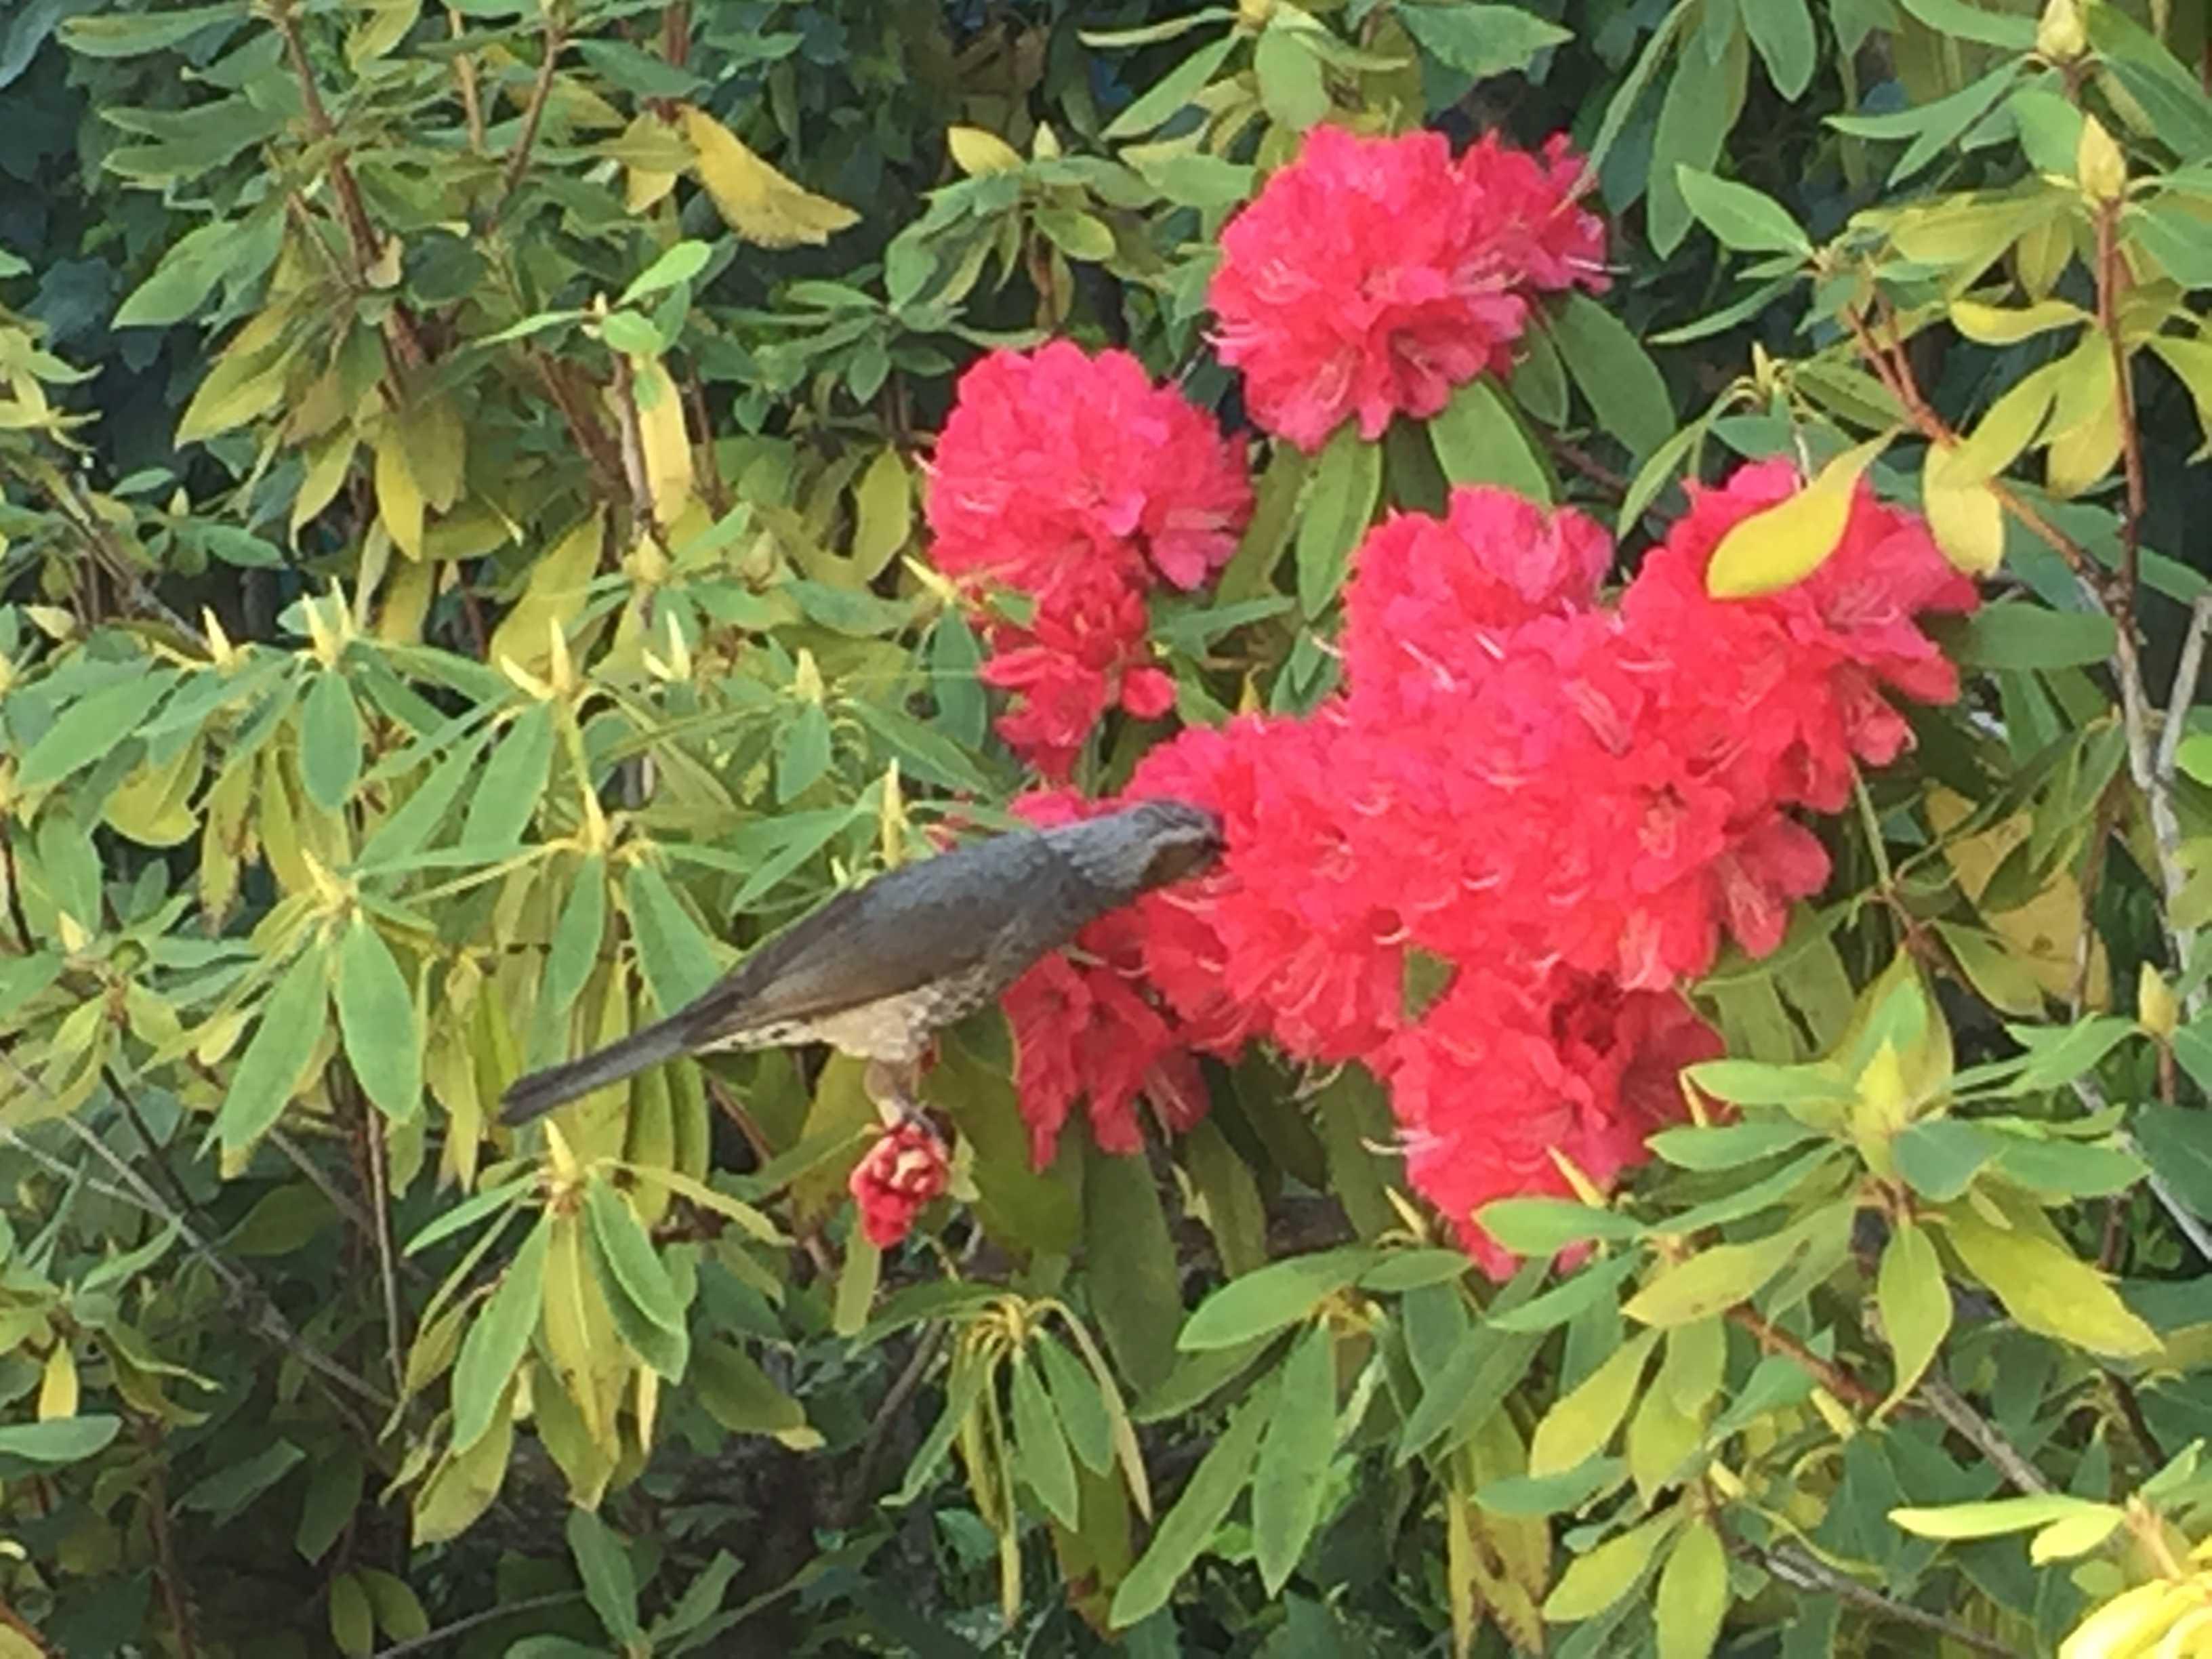 シャクナゲの蜜を吸う鳥